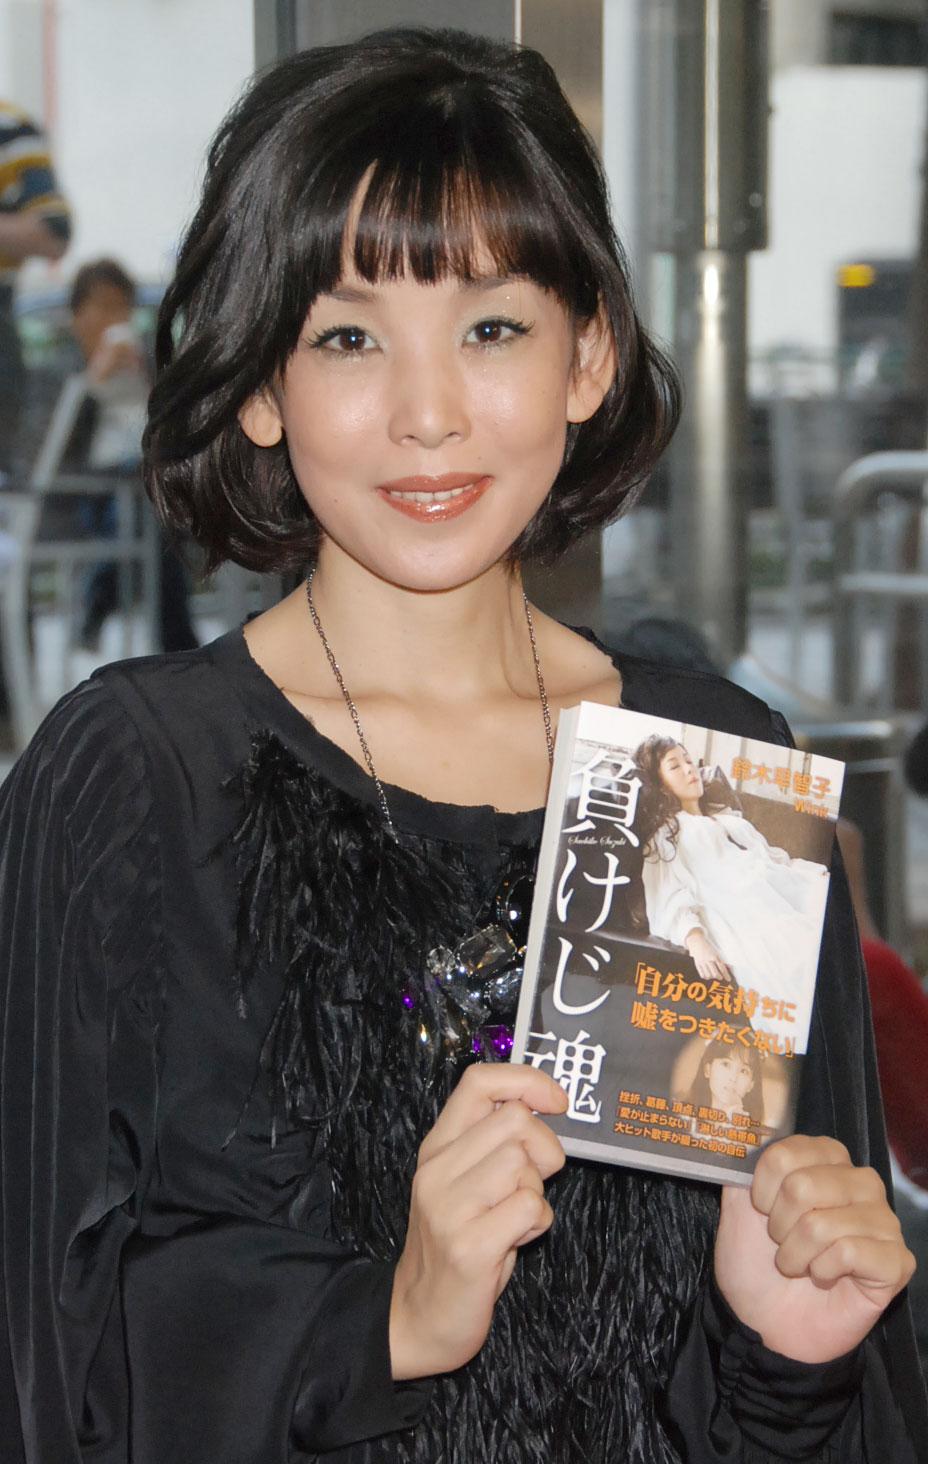 初の自叙伝『負けじ魂』(光文社)発売記念イベントを行い、芸能活動を再開した鈴木早智子